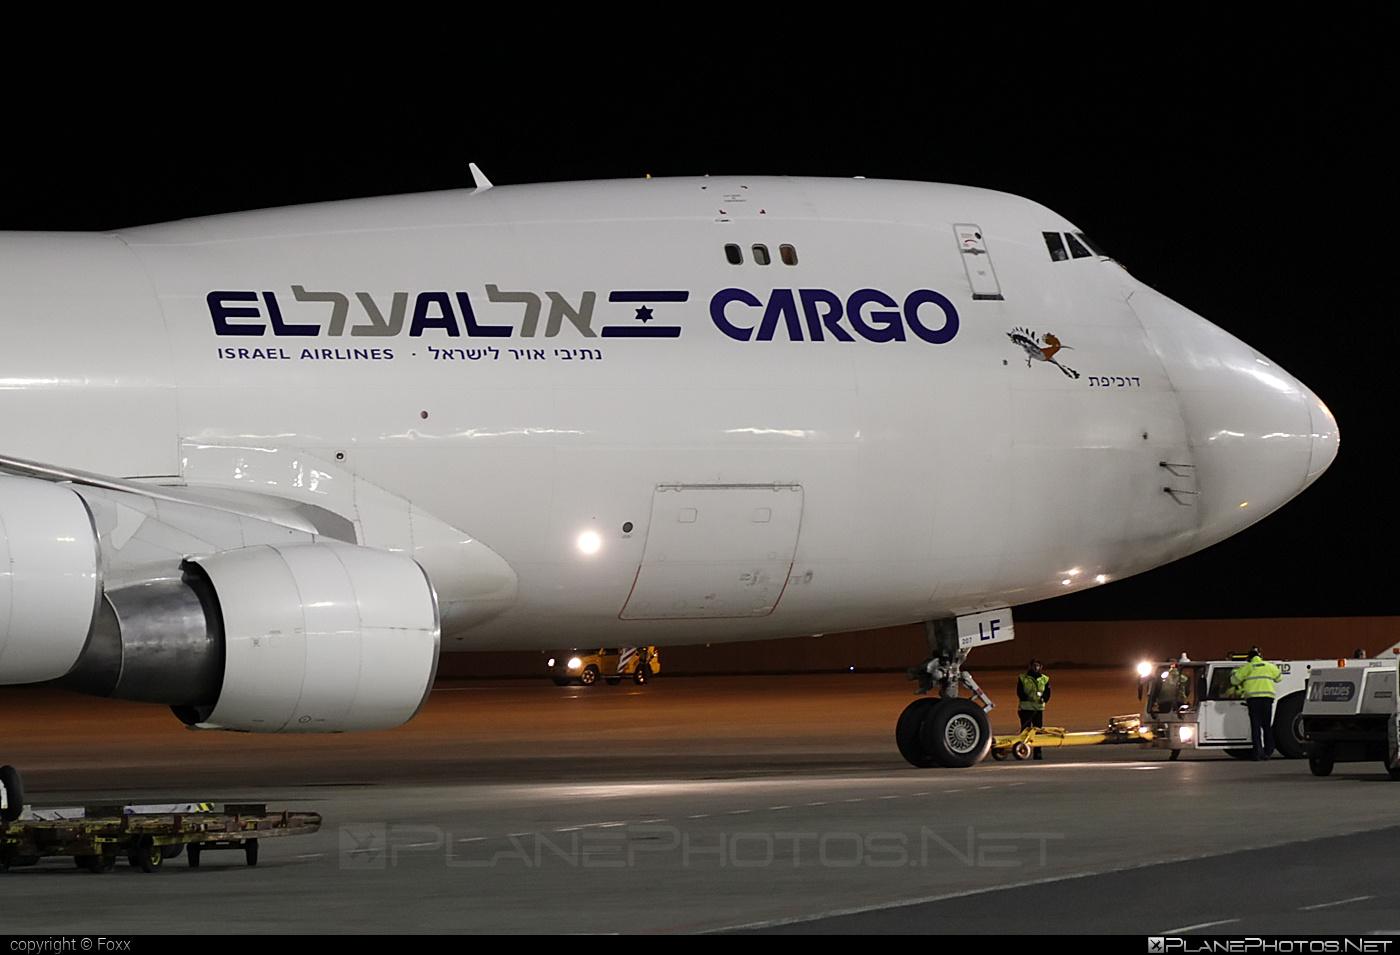 Boeing 747-400F - 4X-ELF operated by El Al Cargo #b747 #boeing #boeing747 #jumbo